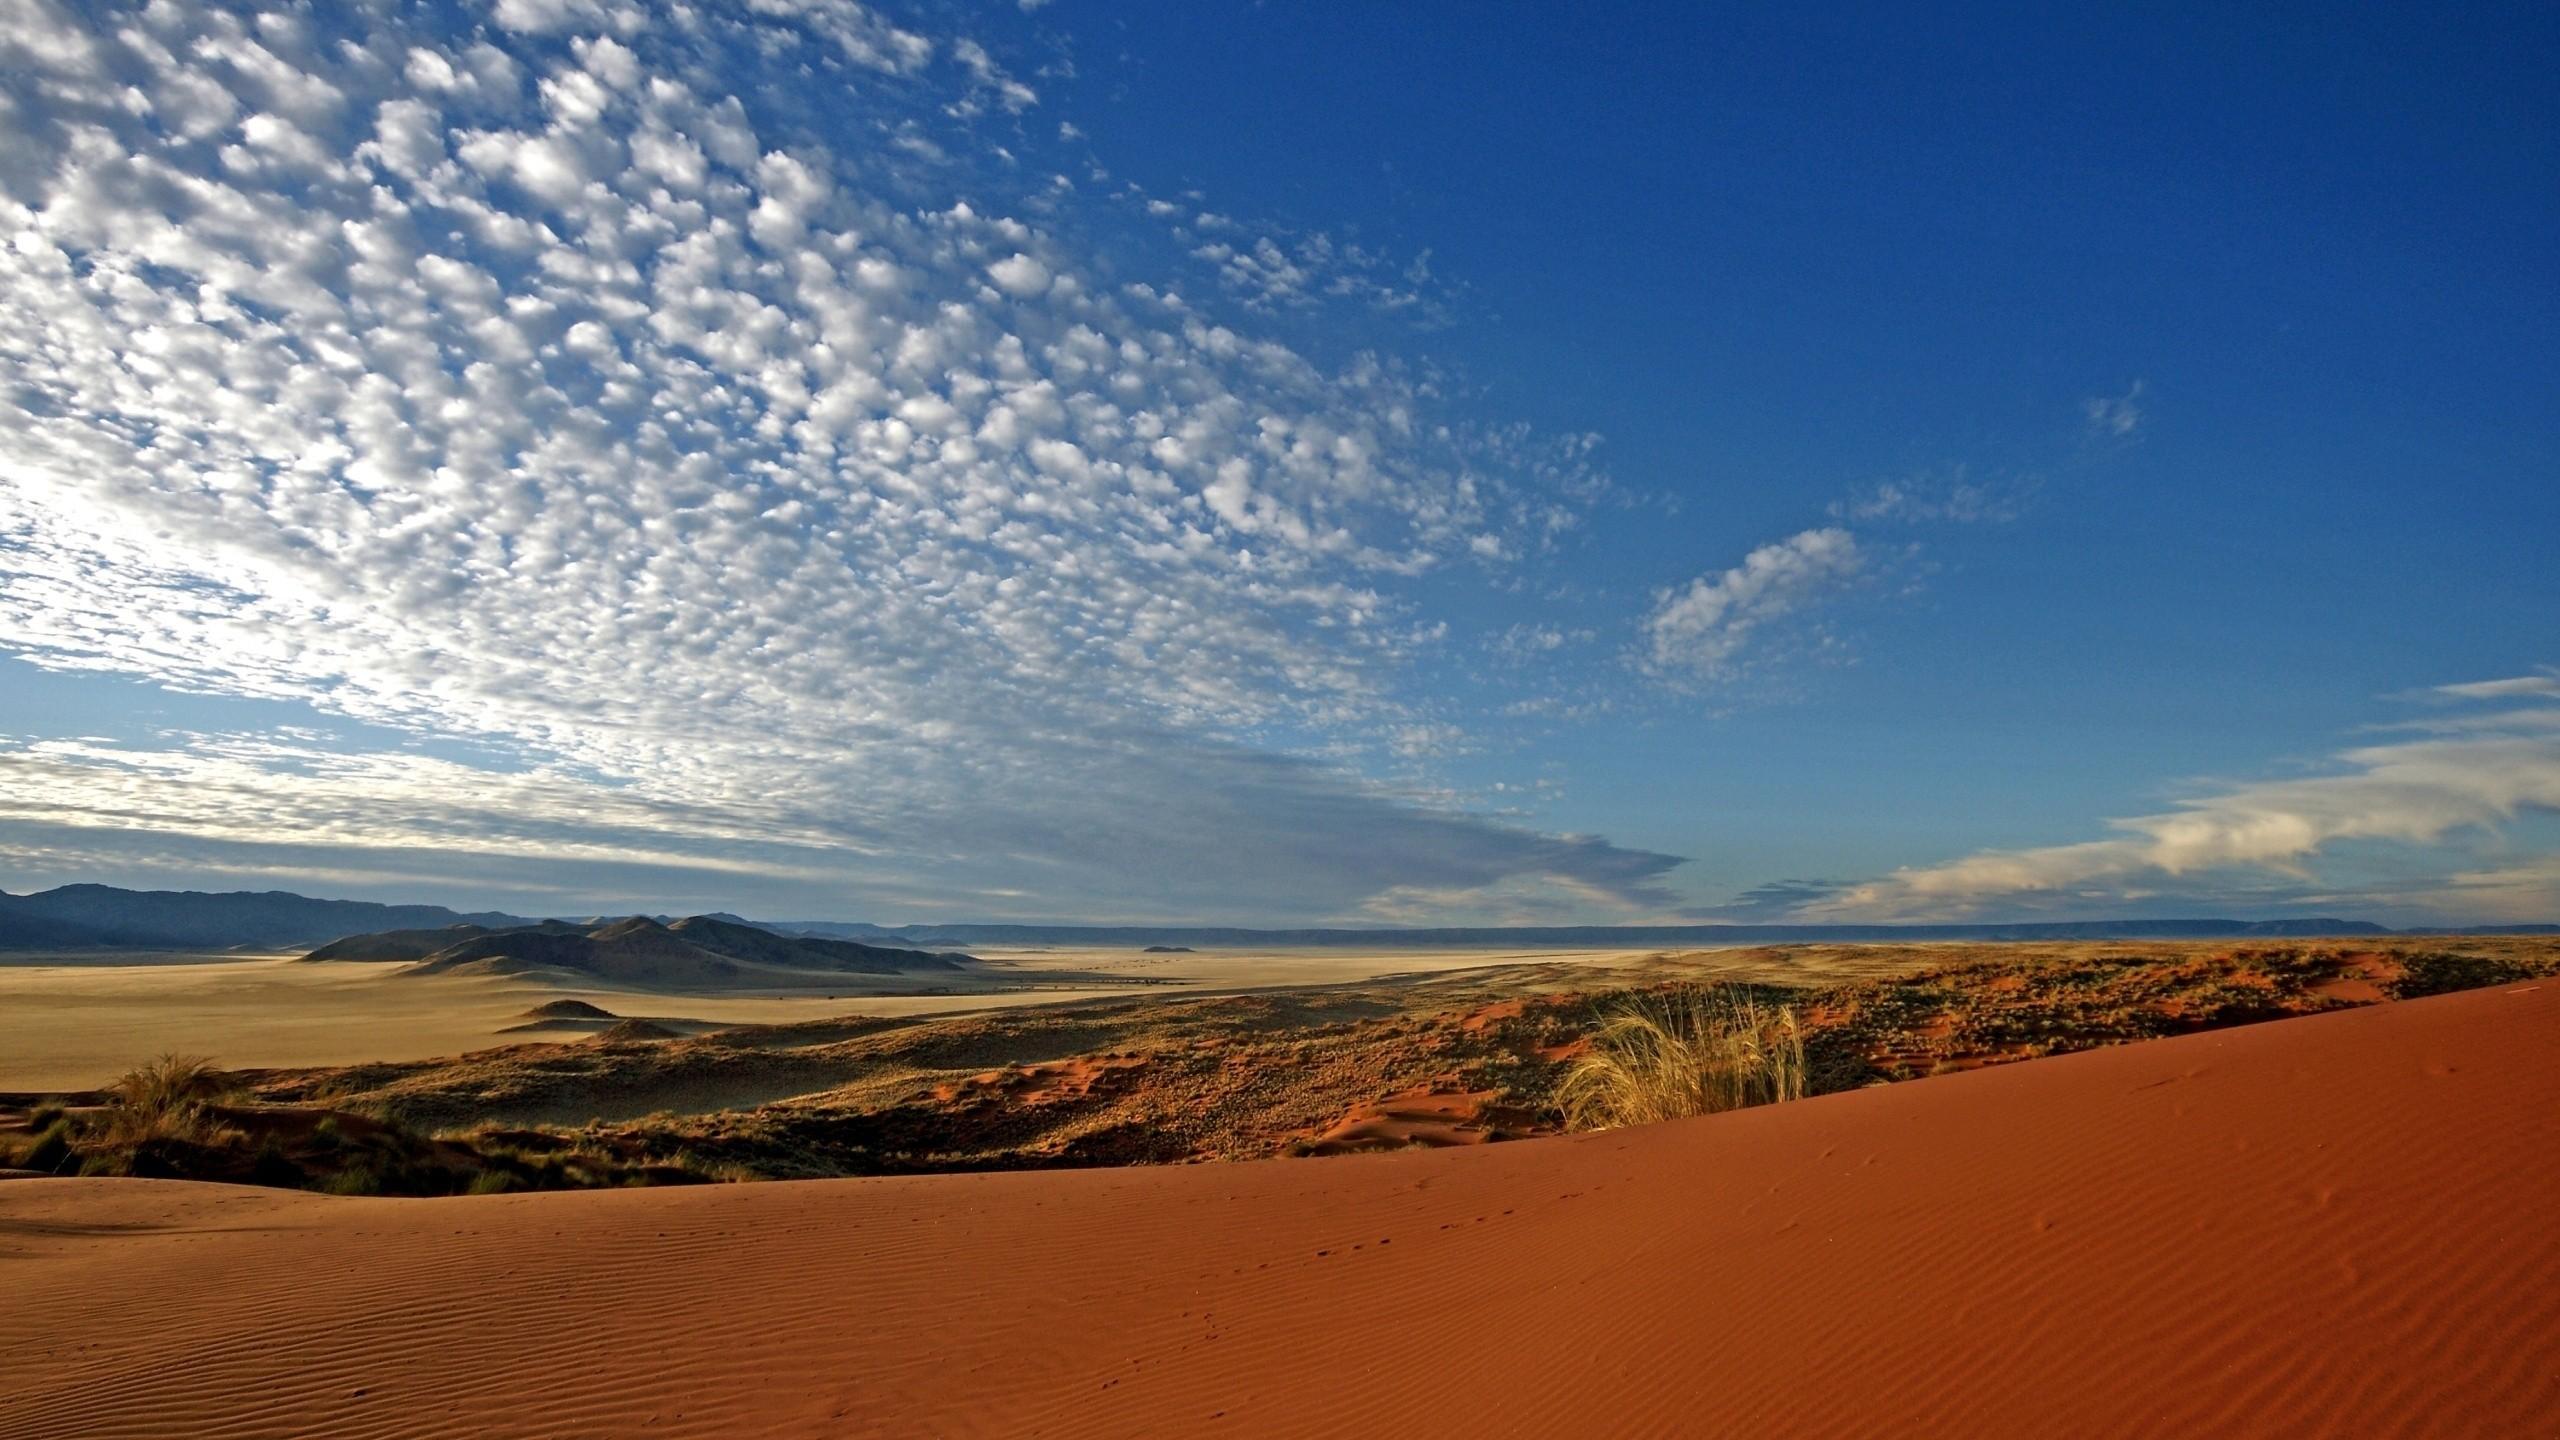 стильные или пустыня и небо фотобанк море пологий